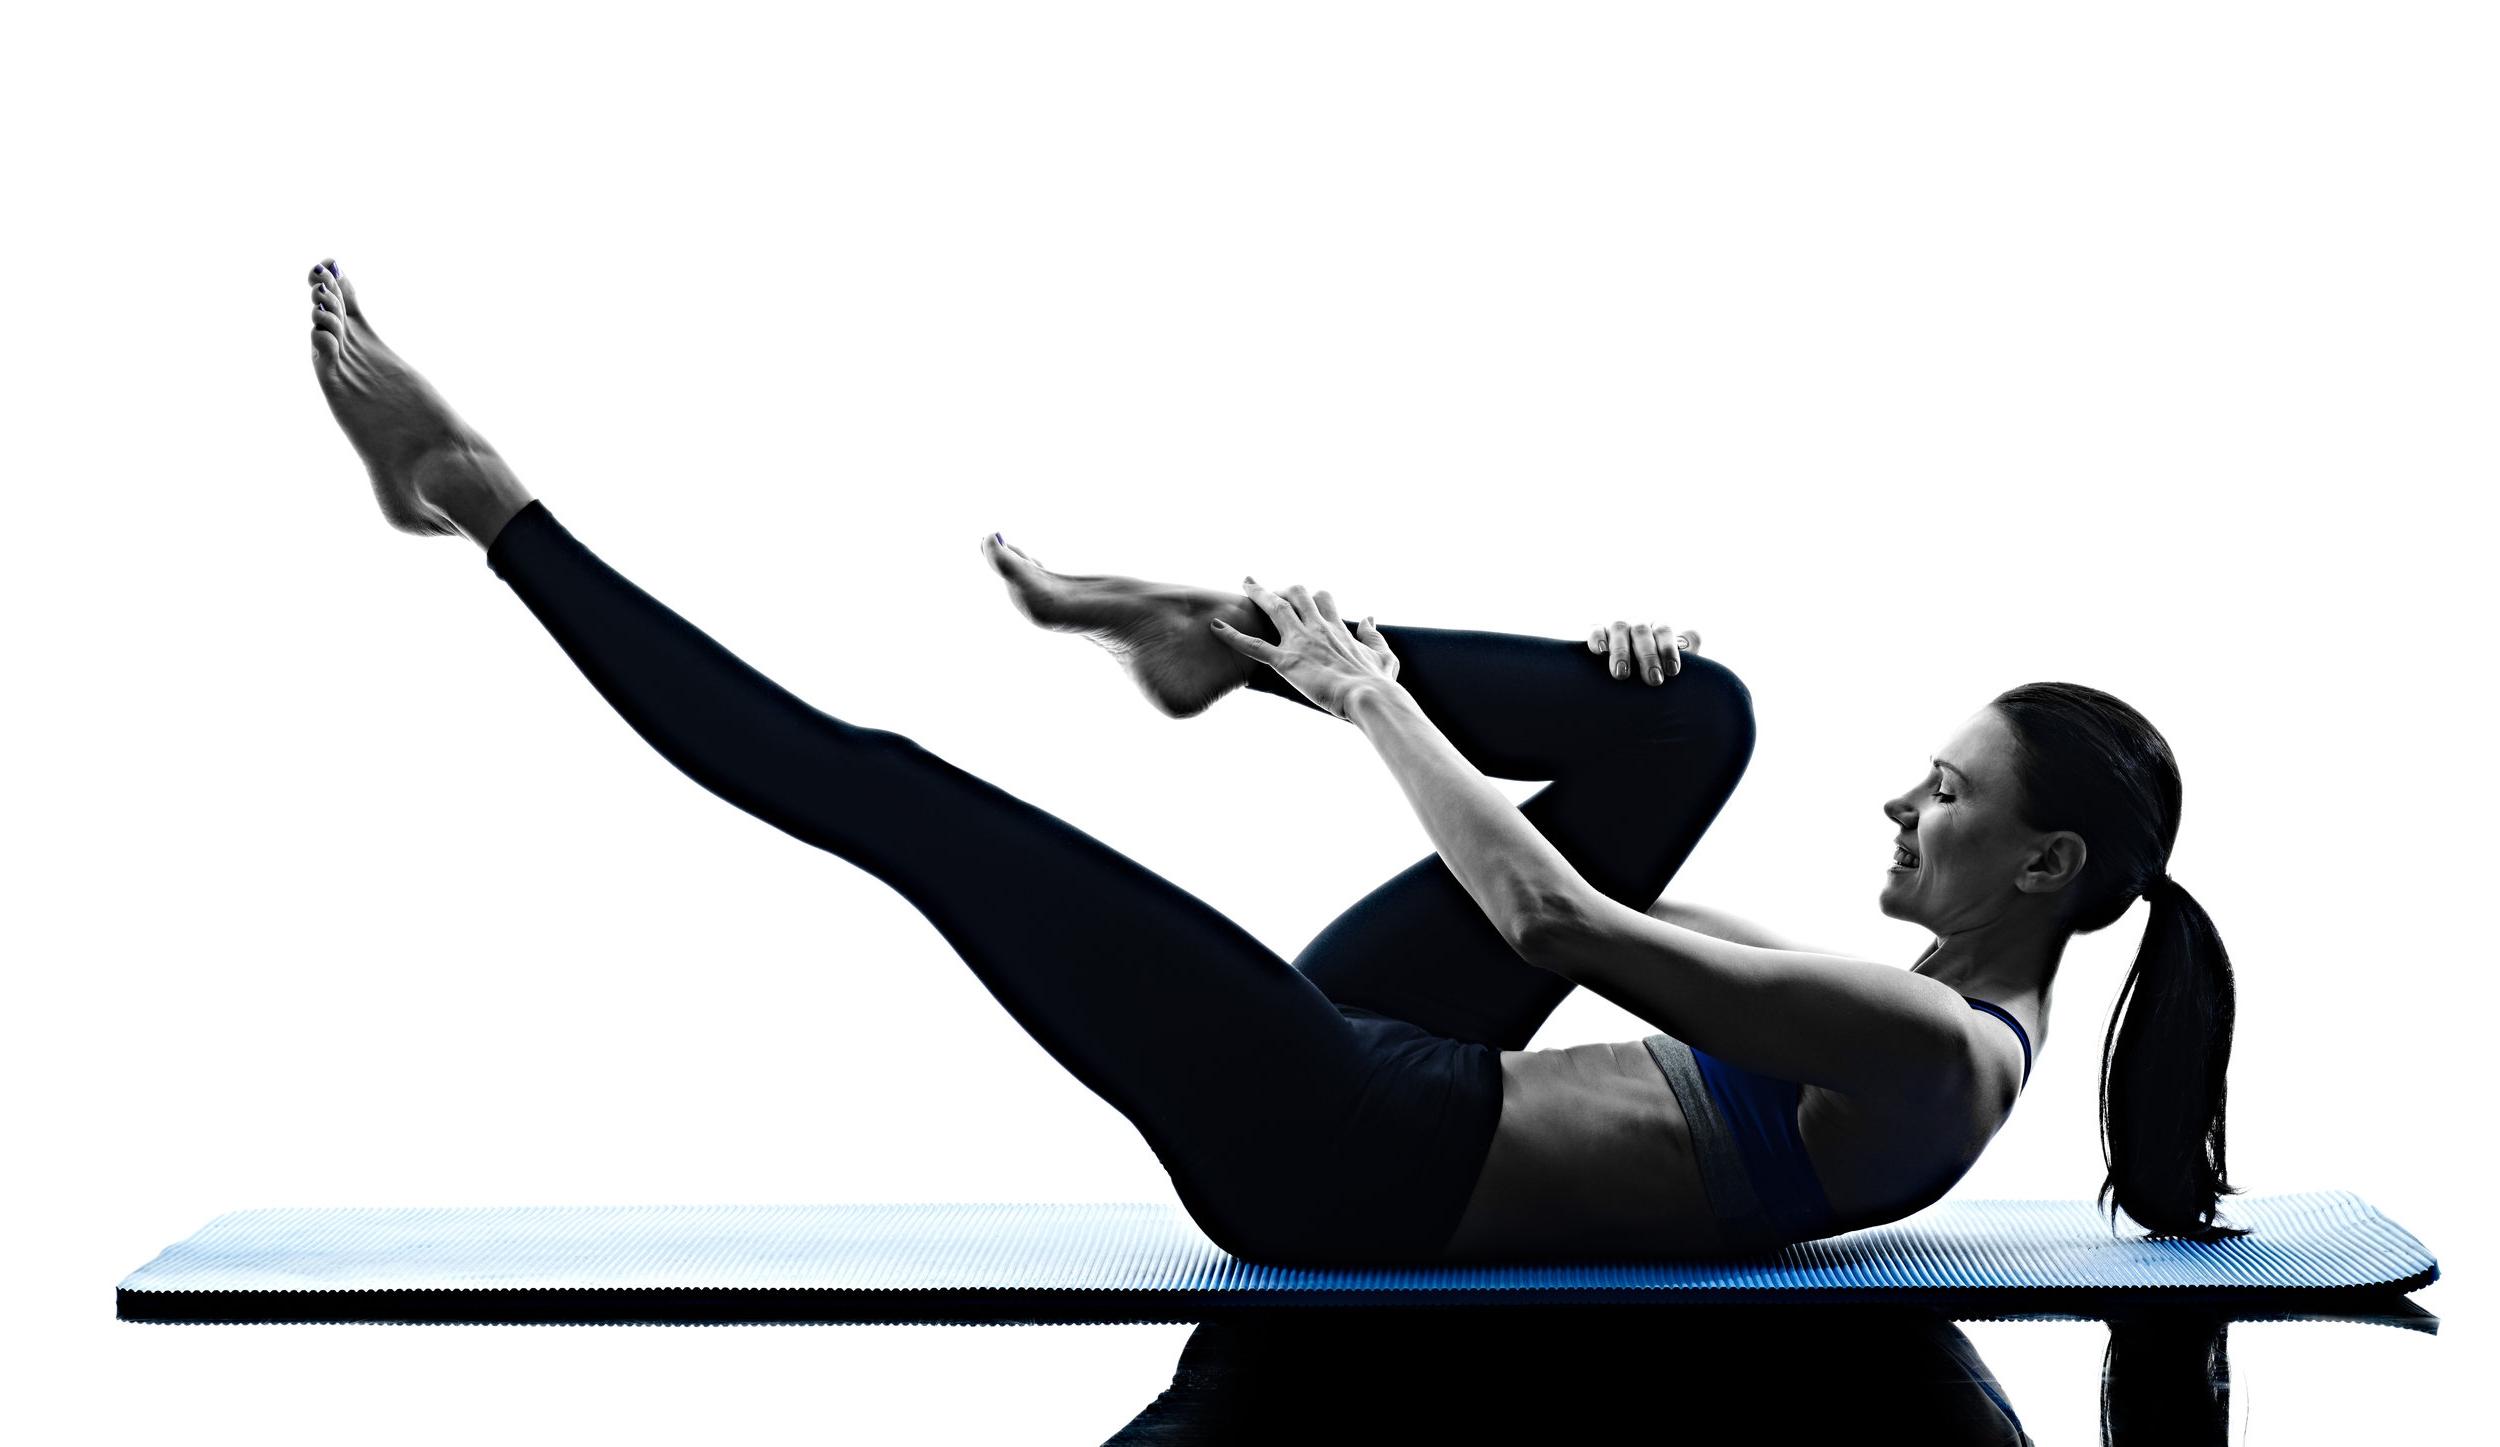 マットピラティス養成コース - ピラティスの原理原則・基本となる姿勢や正しいカラダの動き・基礎解剖学・マットエクササイズ